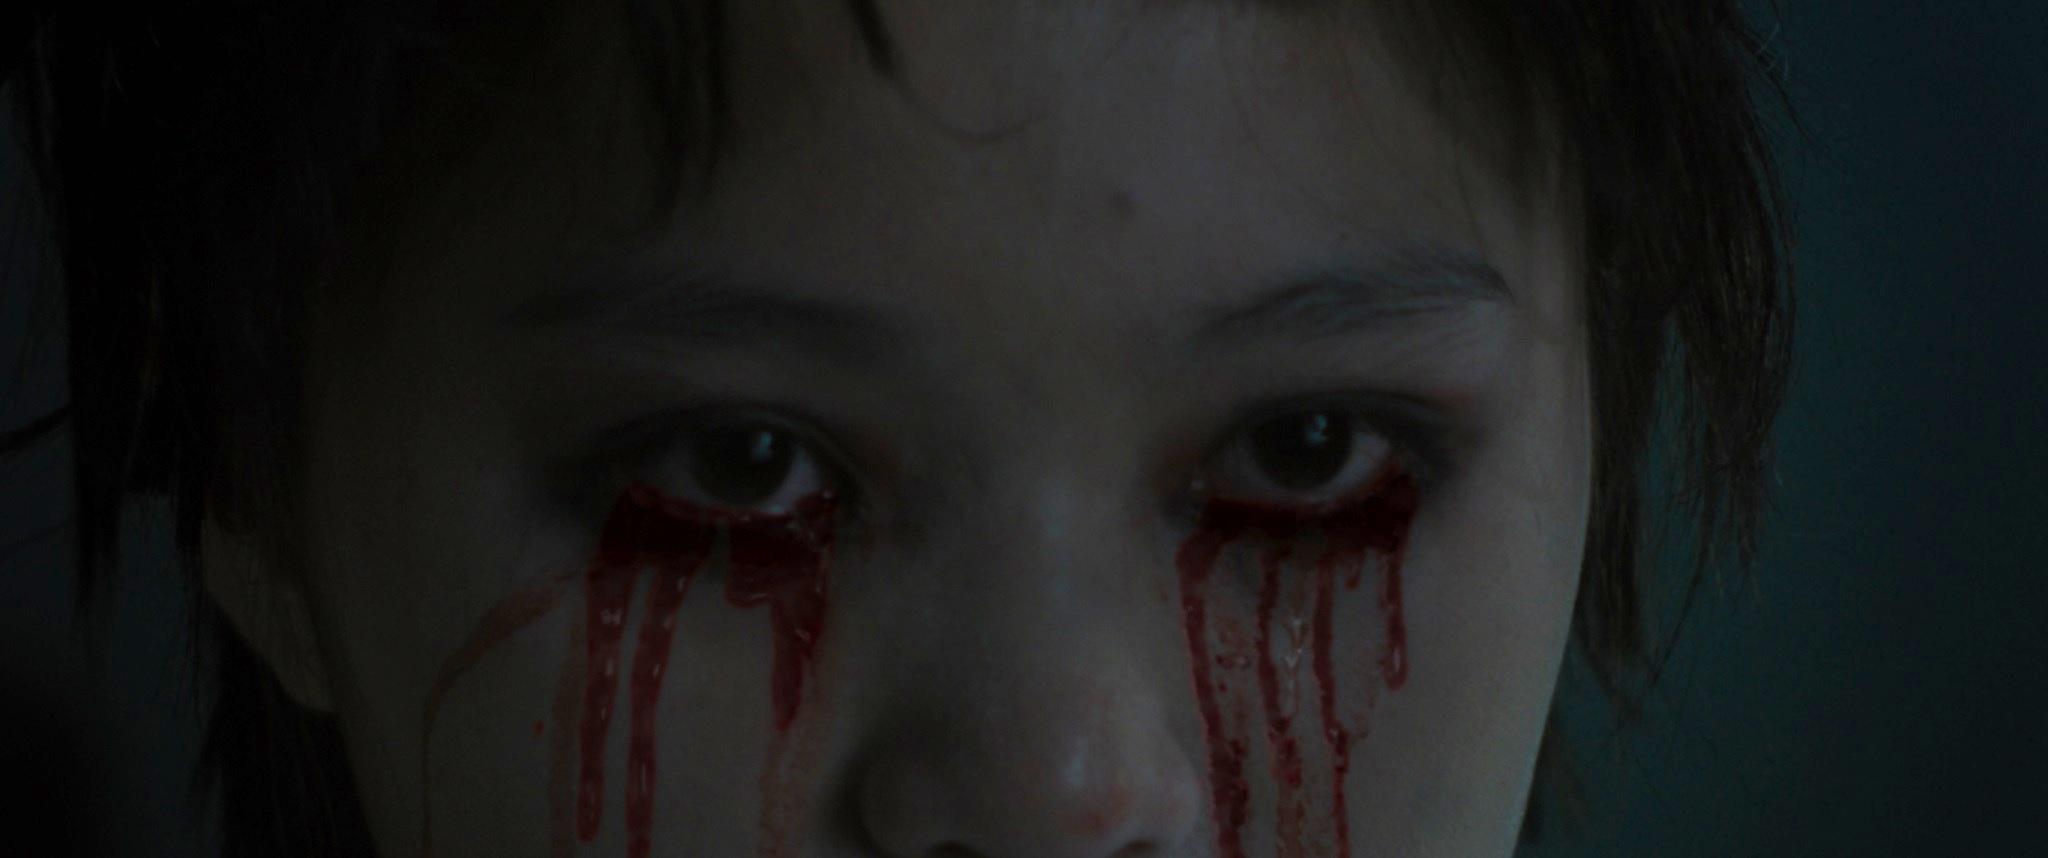 《鬼魅之家》氣氛恐怖